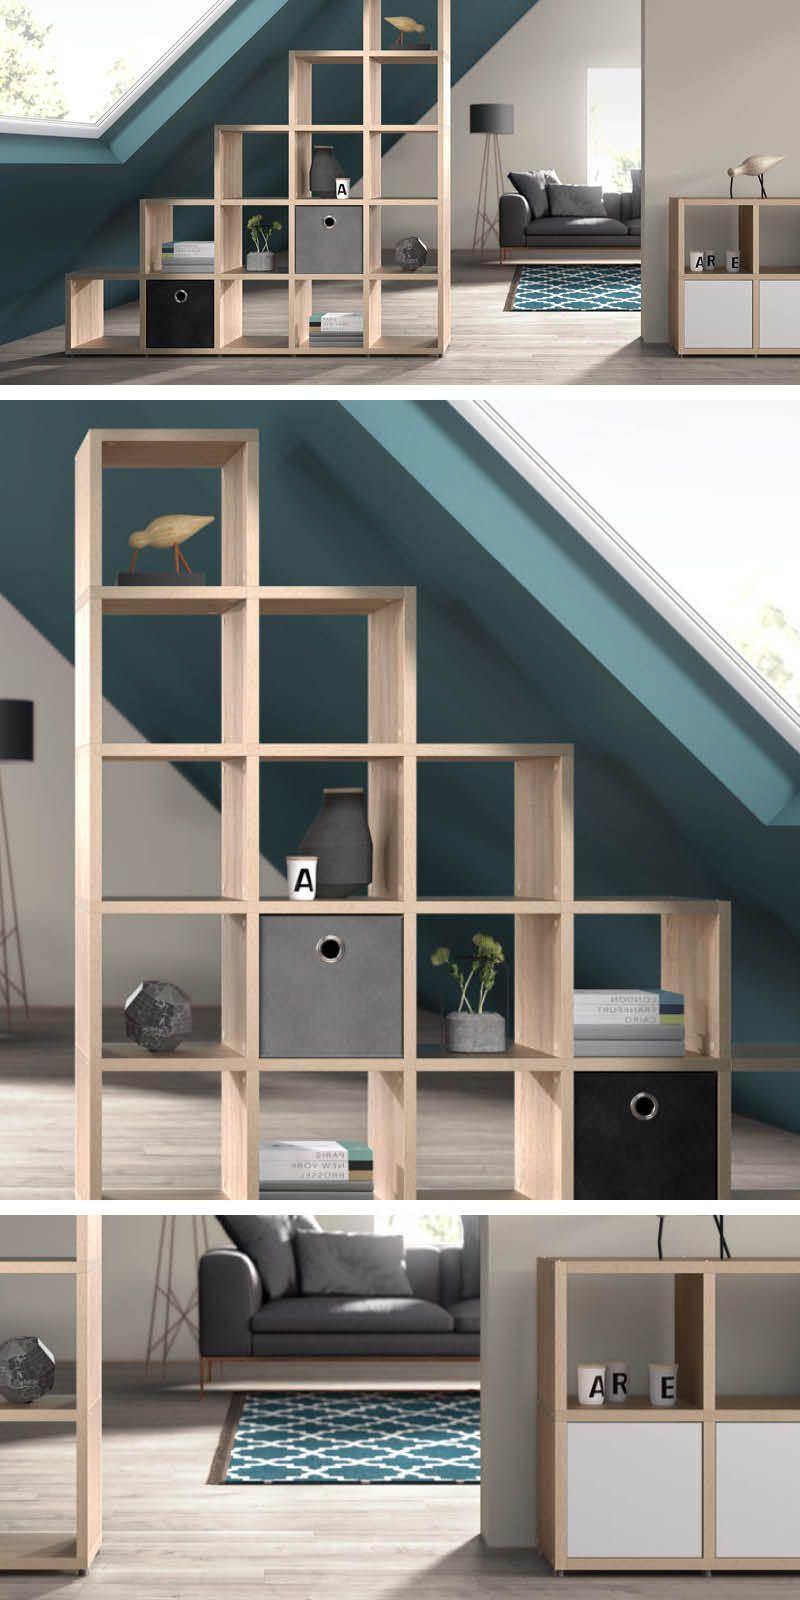 Schicker Raumteiler Fur Den Wohnzimmer Essbereich Raumteiler